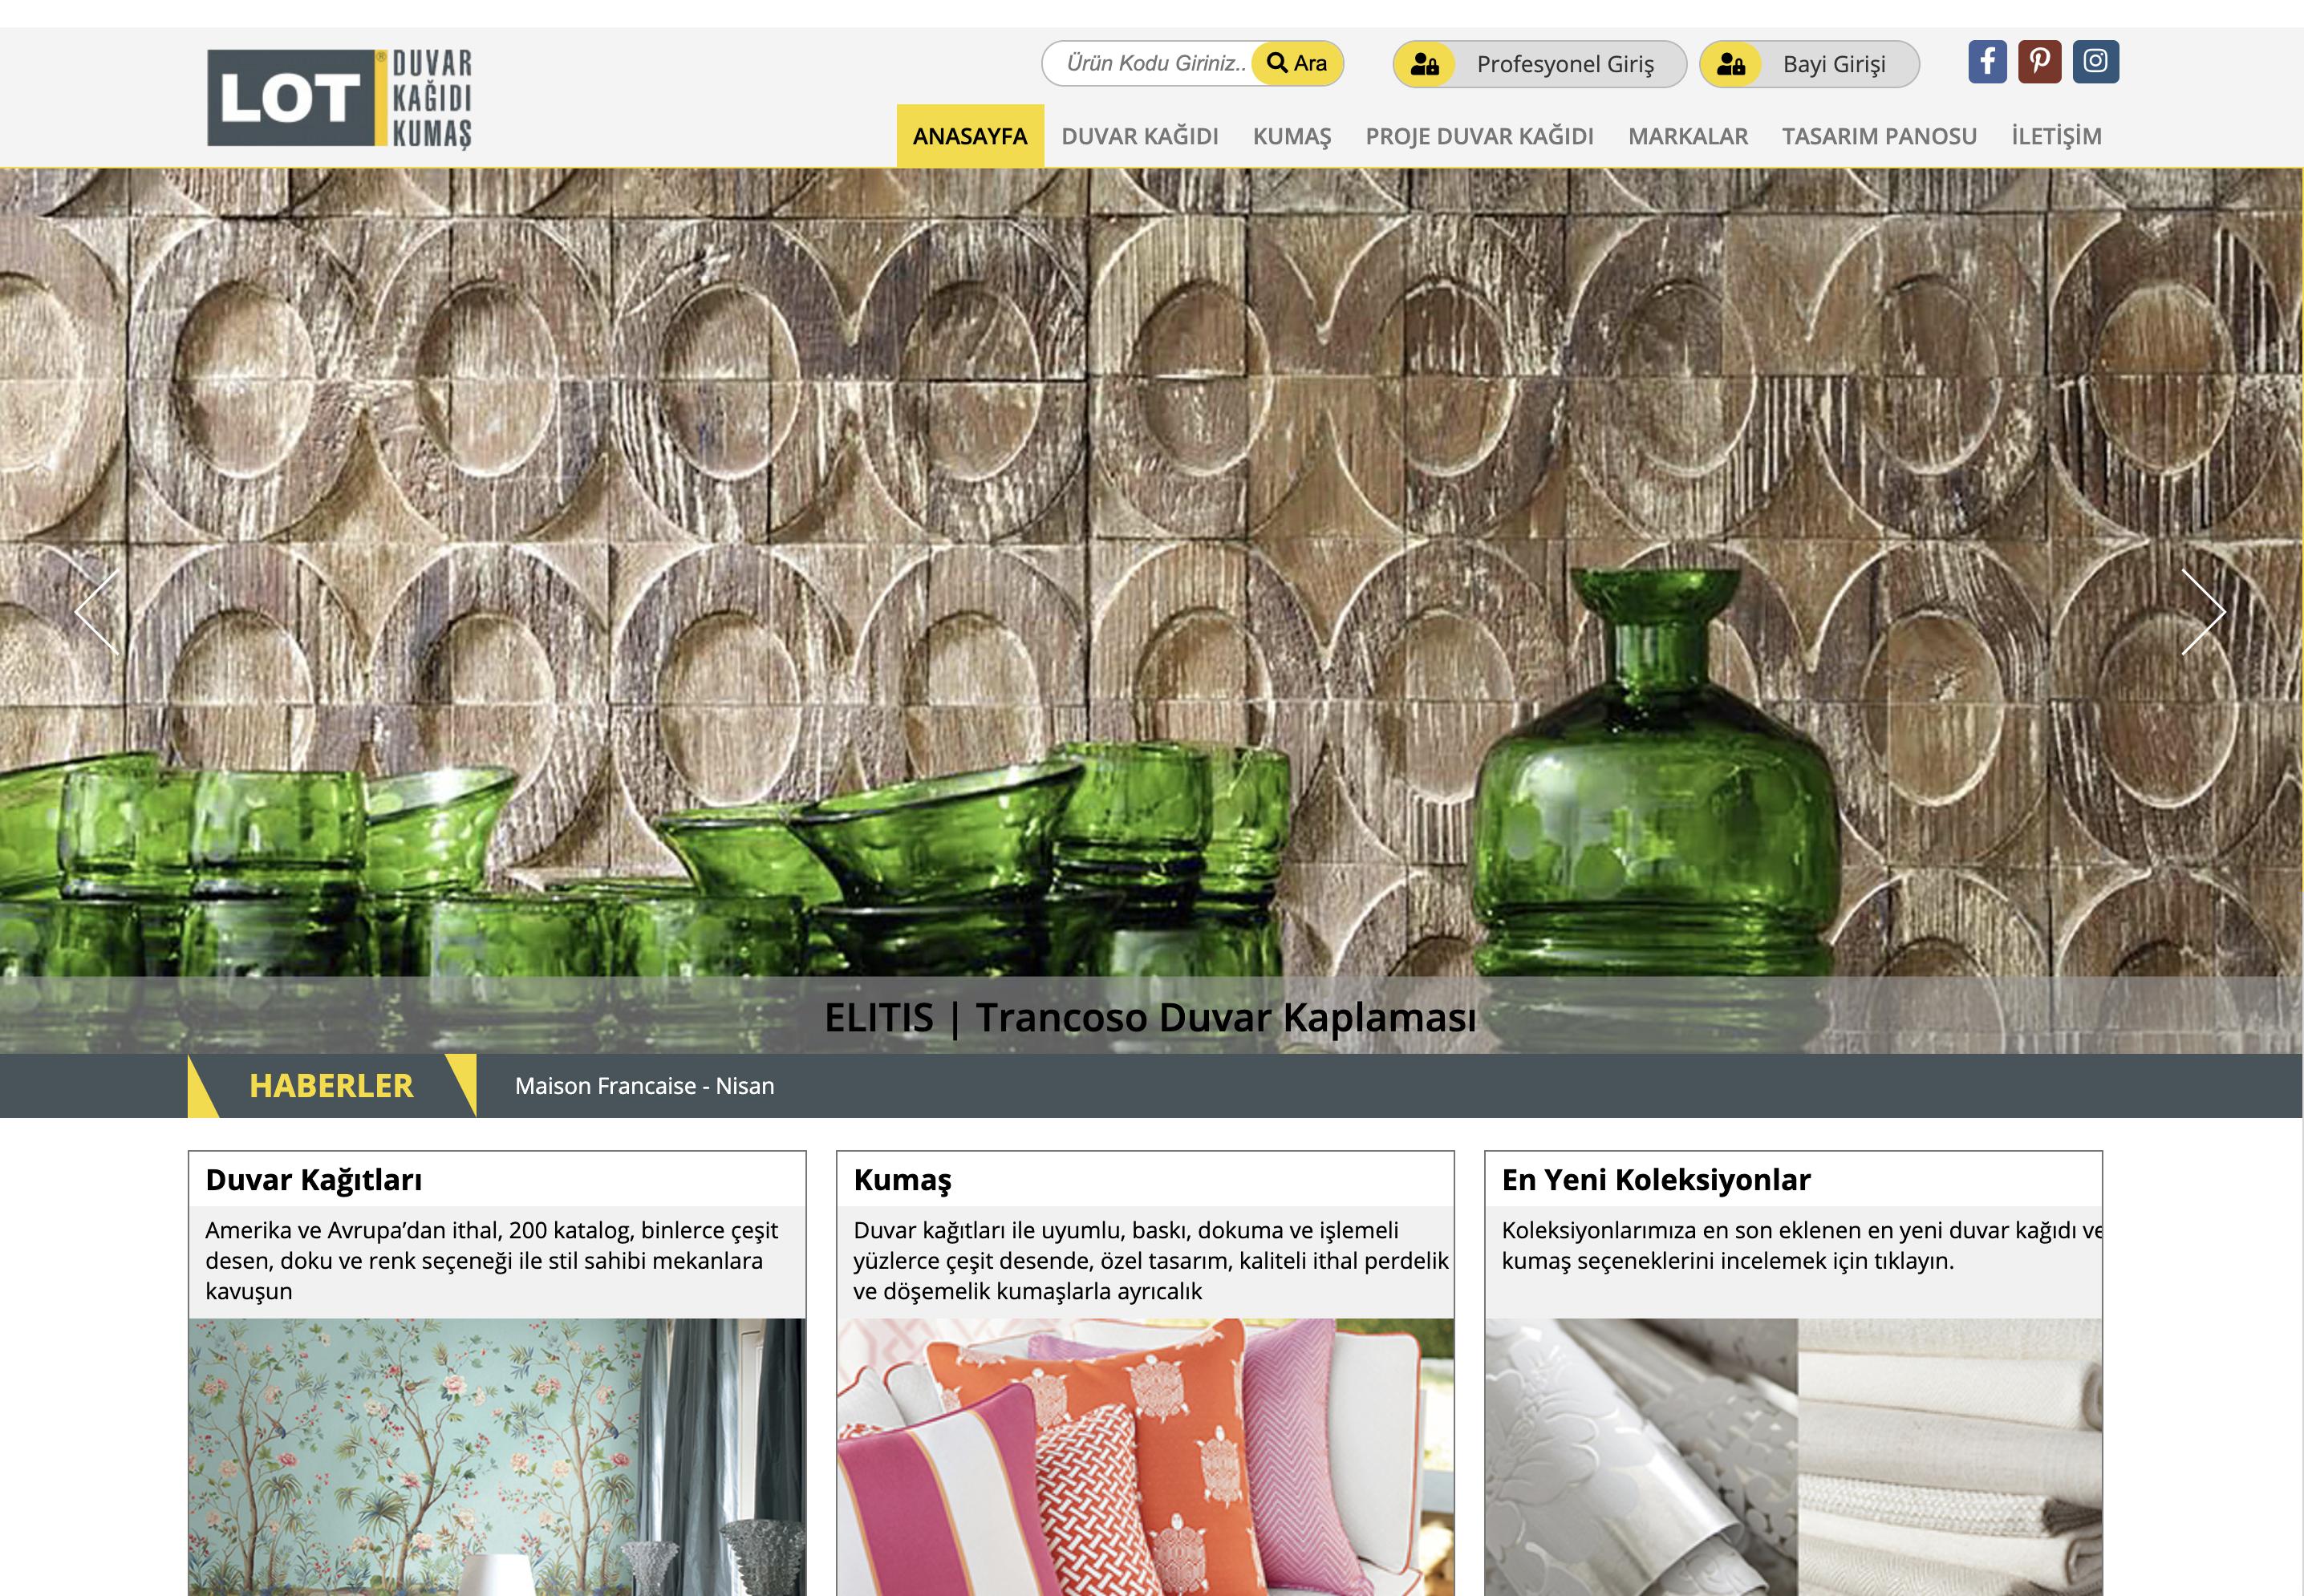 LOT Duvar Kağıdı Firması B2B bayi E-ticaret sitesi yayına girmiştir.